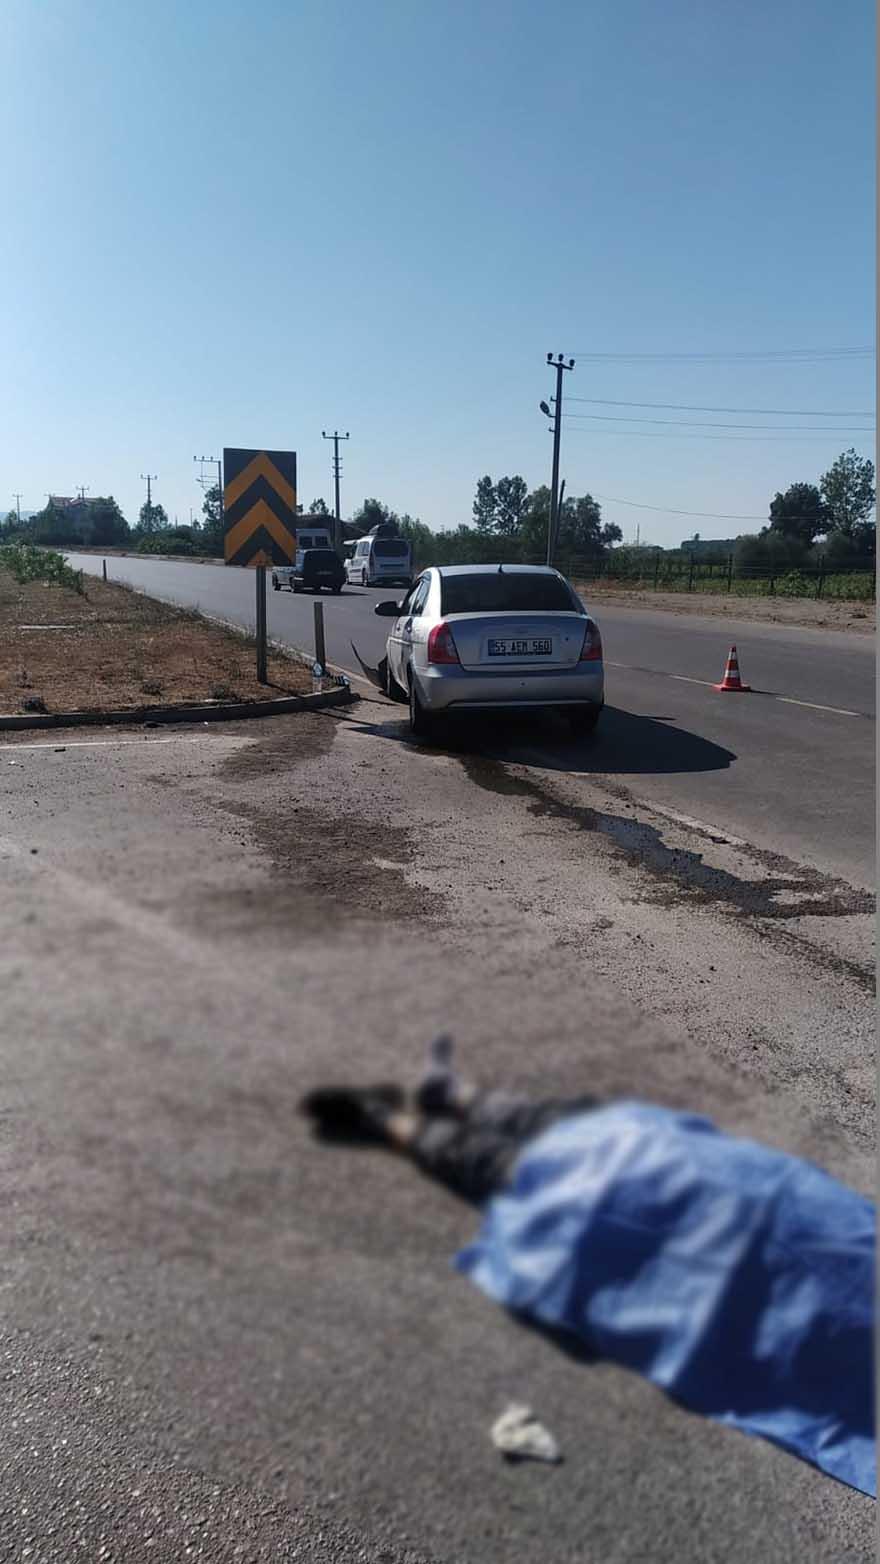 alacamda-trafik-kazasi-4.jpg